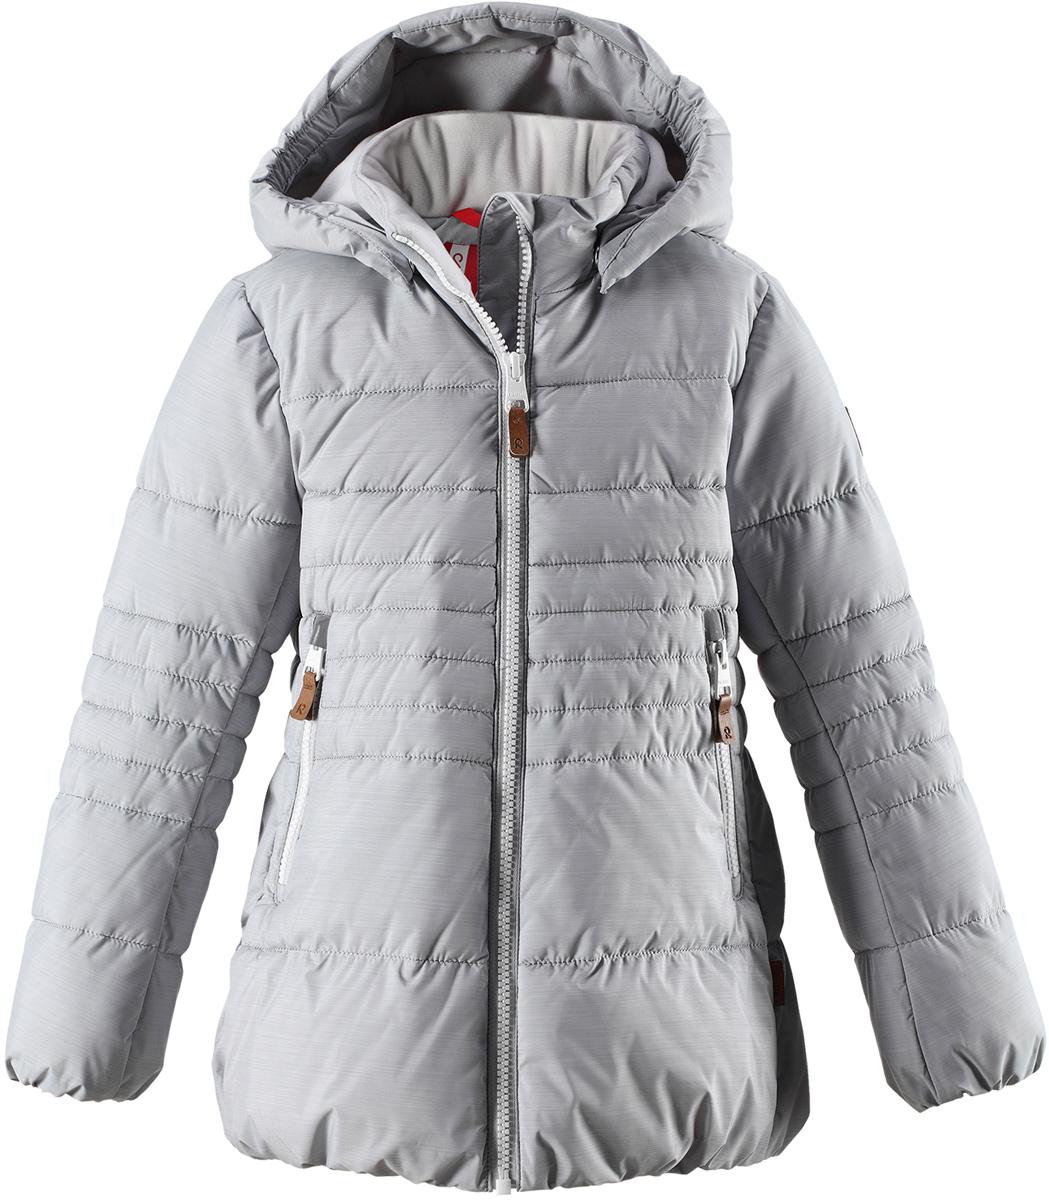 Куртка для девочки Reima Liisa, цвет: серый. 5313039140. Размер 1405313039140Детская непромокаемая зимняя куртка изготовлена из водо- и ветронепроницаемого, дышащего материала с грязеотталкивающими свойствами. Благодаря гладкой подкладке из полиэстера, куртку легко надевать и удобно носить даже с дополнительным теплым промежуточным слоем. Эта модель для девочек снабжена эластичным подолом и манжетами. Съемный и регулируемый капюшон защищает от пронизывающего ветра и дождя, а еще он безопасен во время игр на свежем воздухе. В куртке предусмотрены два кармана на молнии и светоотражающие детали.Средняя степень утепления.